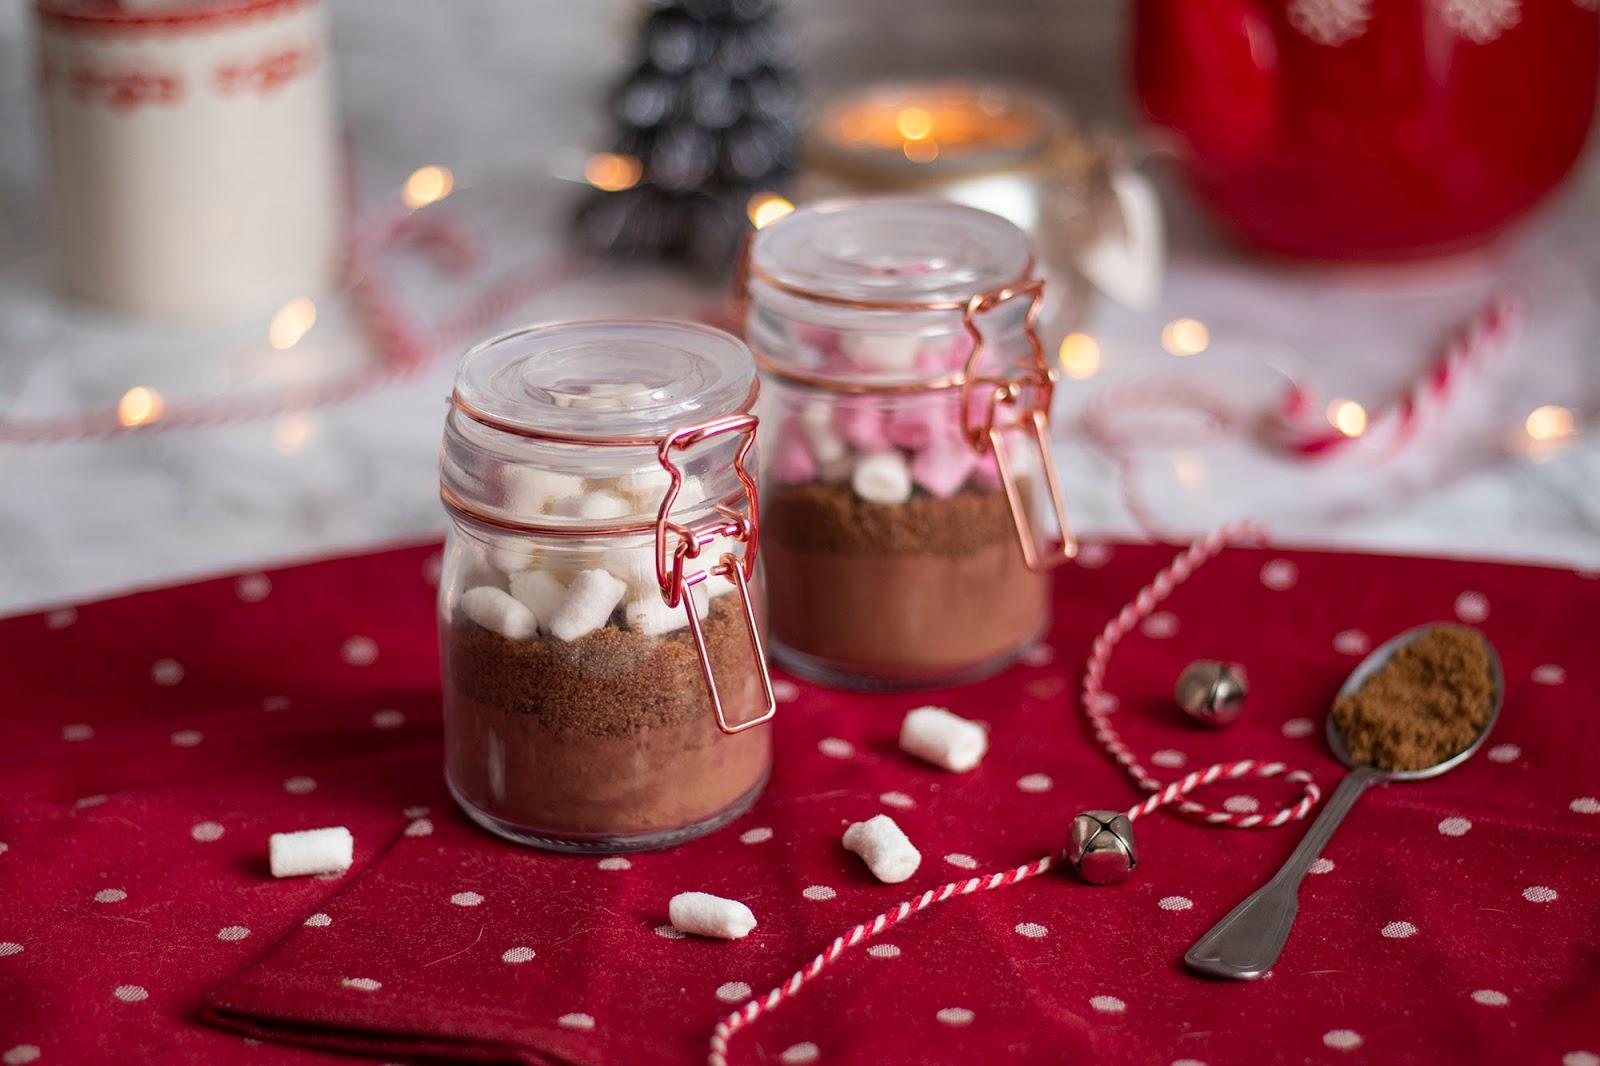 Préparation pour des chocolat chaud en petits pots pour un délicieux cadeau de Noël fait maison